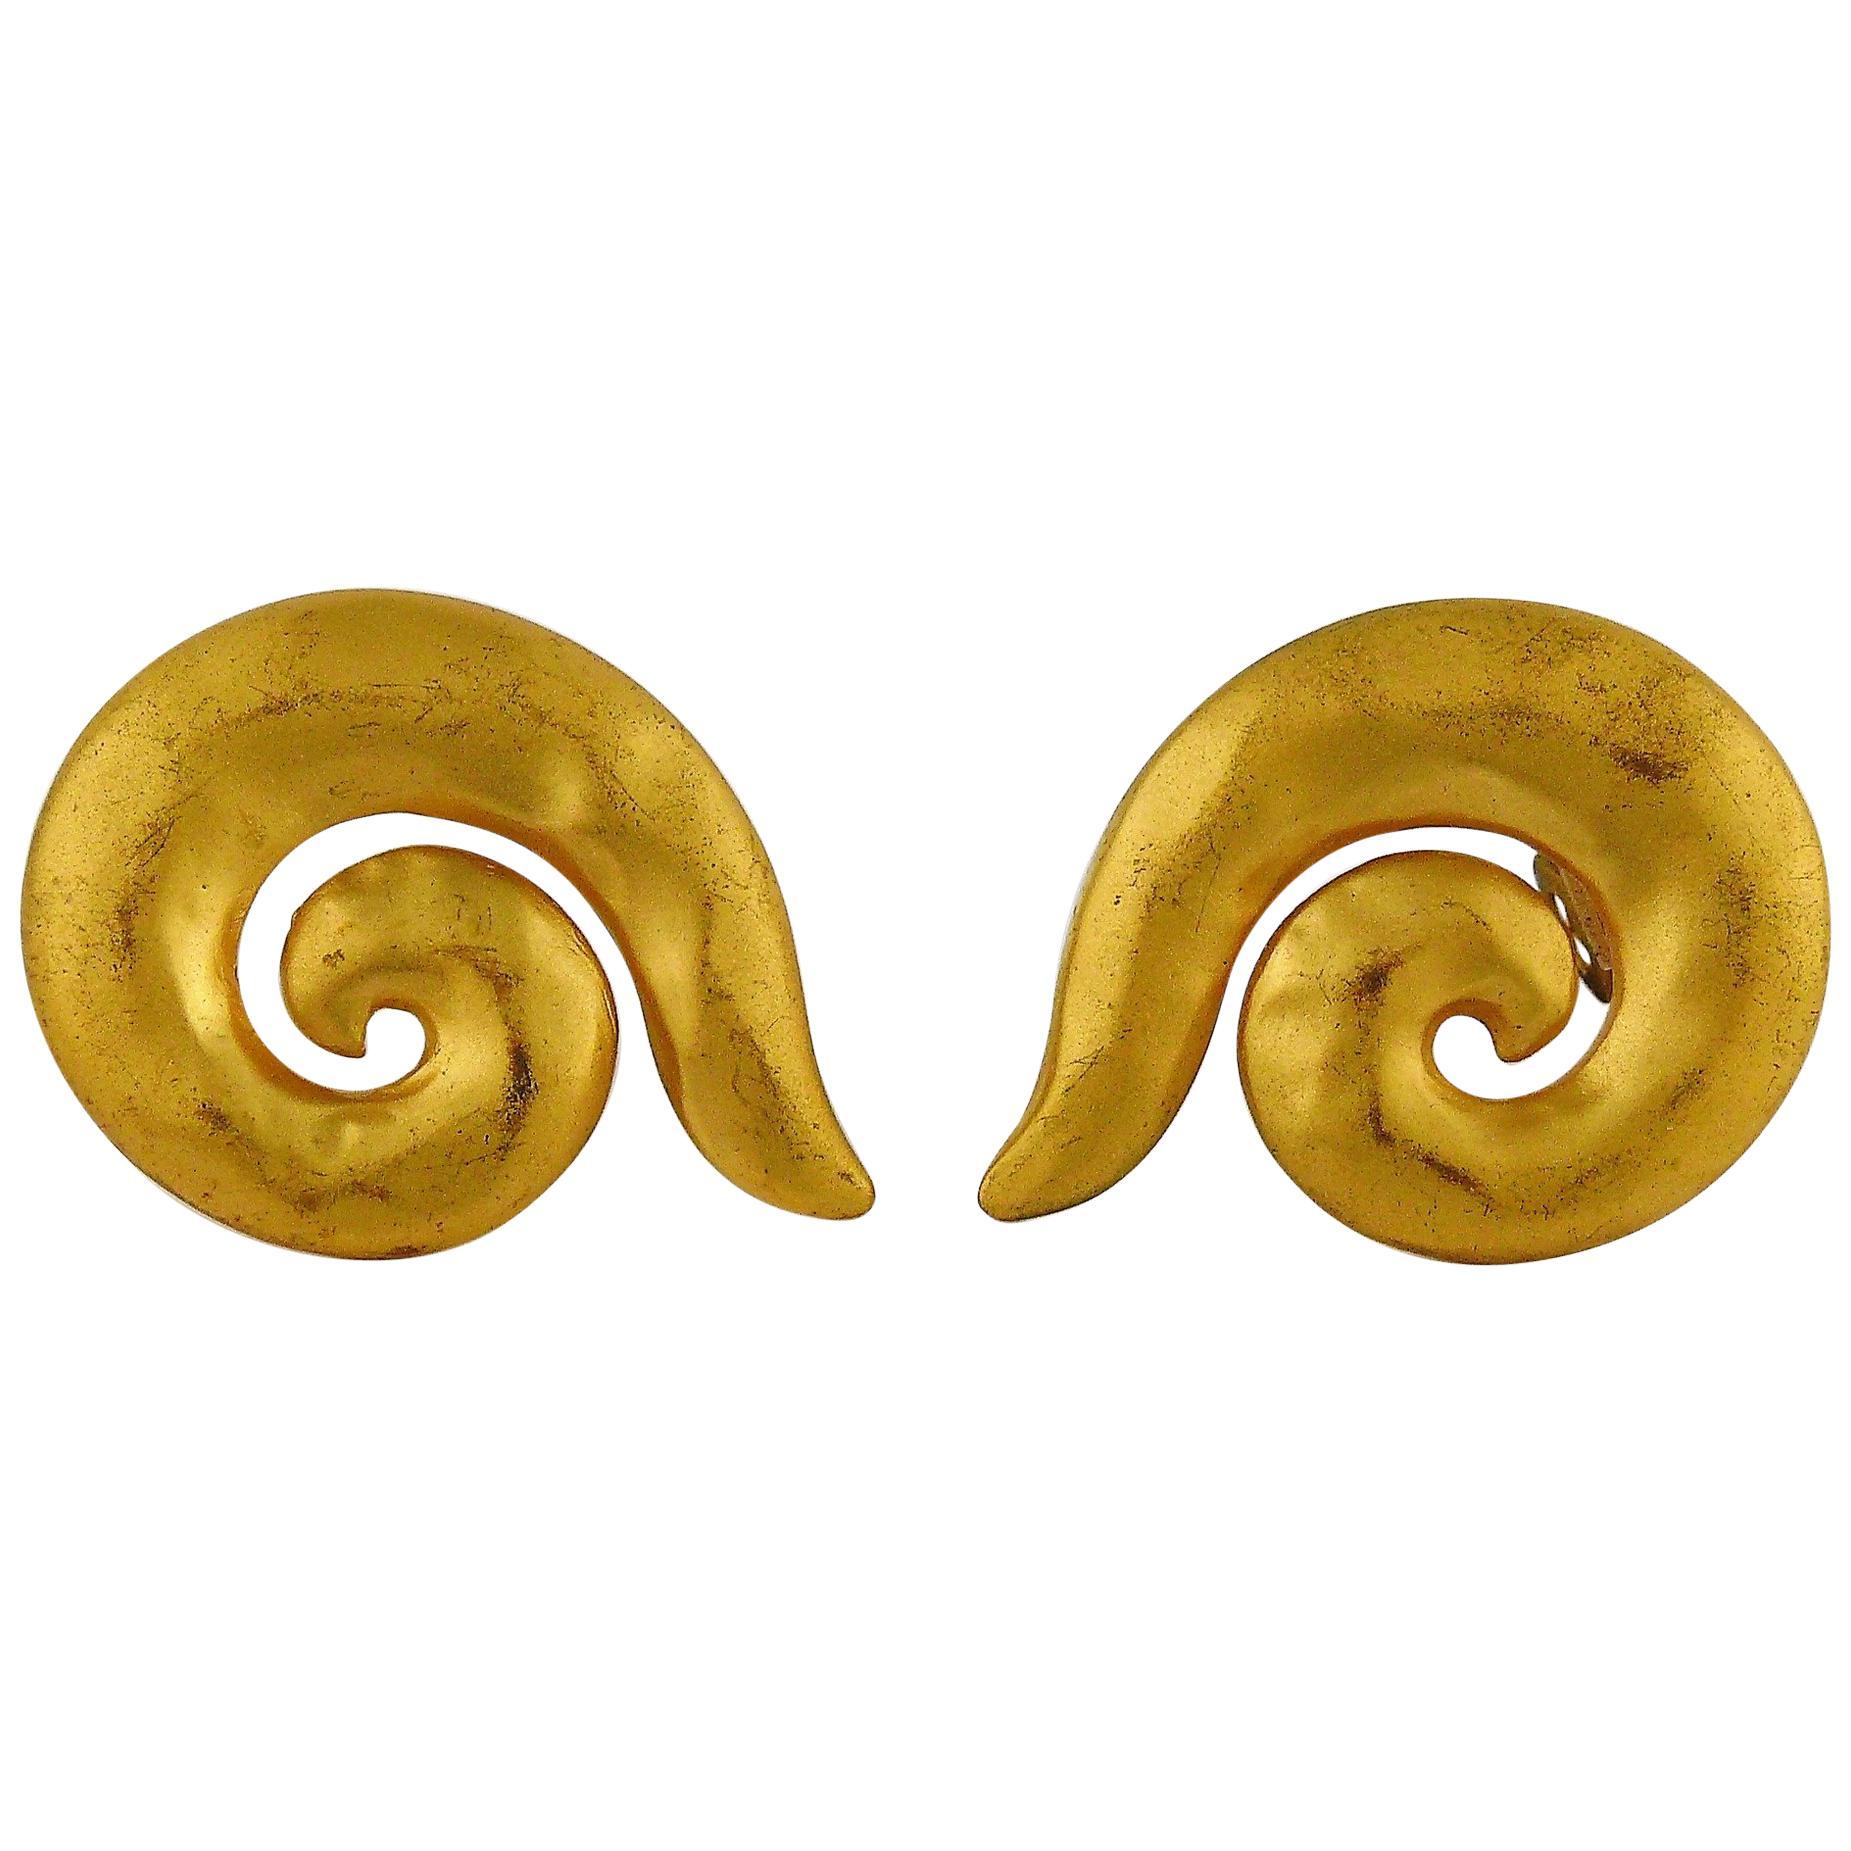 84e886e74e8 Vintage Yves Saint Laurent Earrings - 186 For Sale at 1stdibs